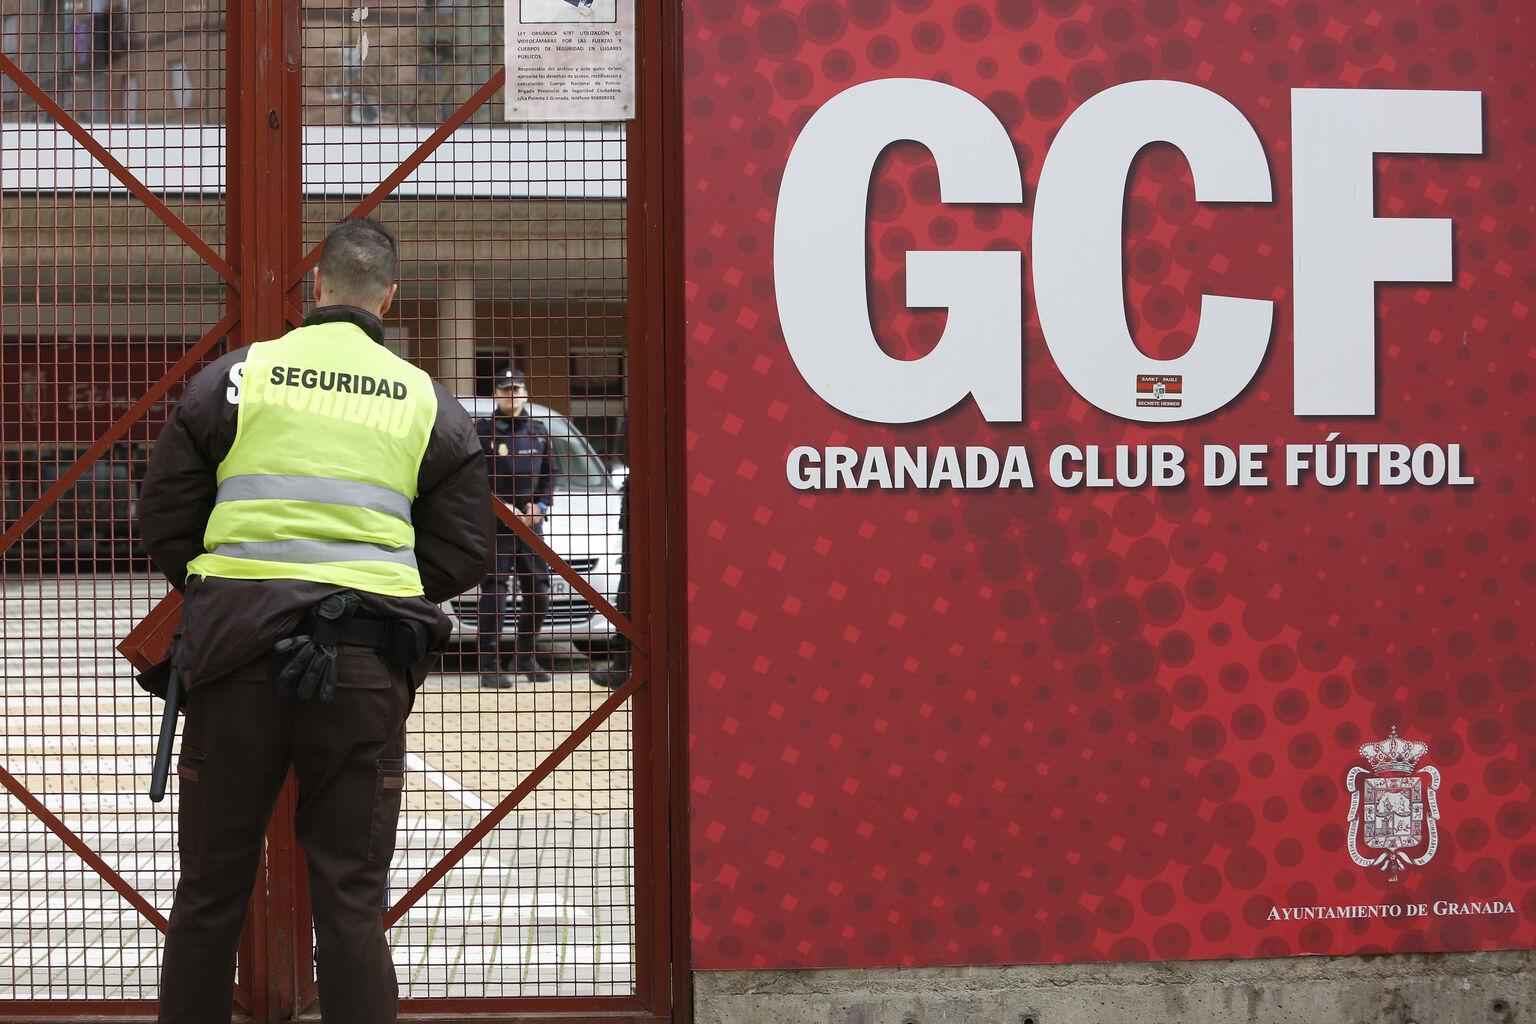 Resultado de imagen de despachos granada cf